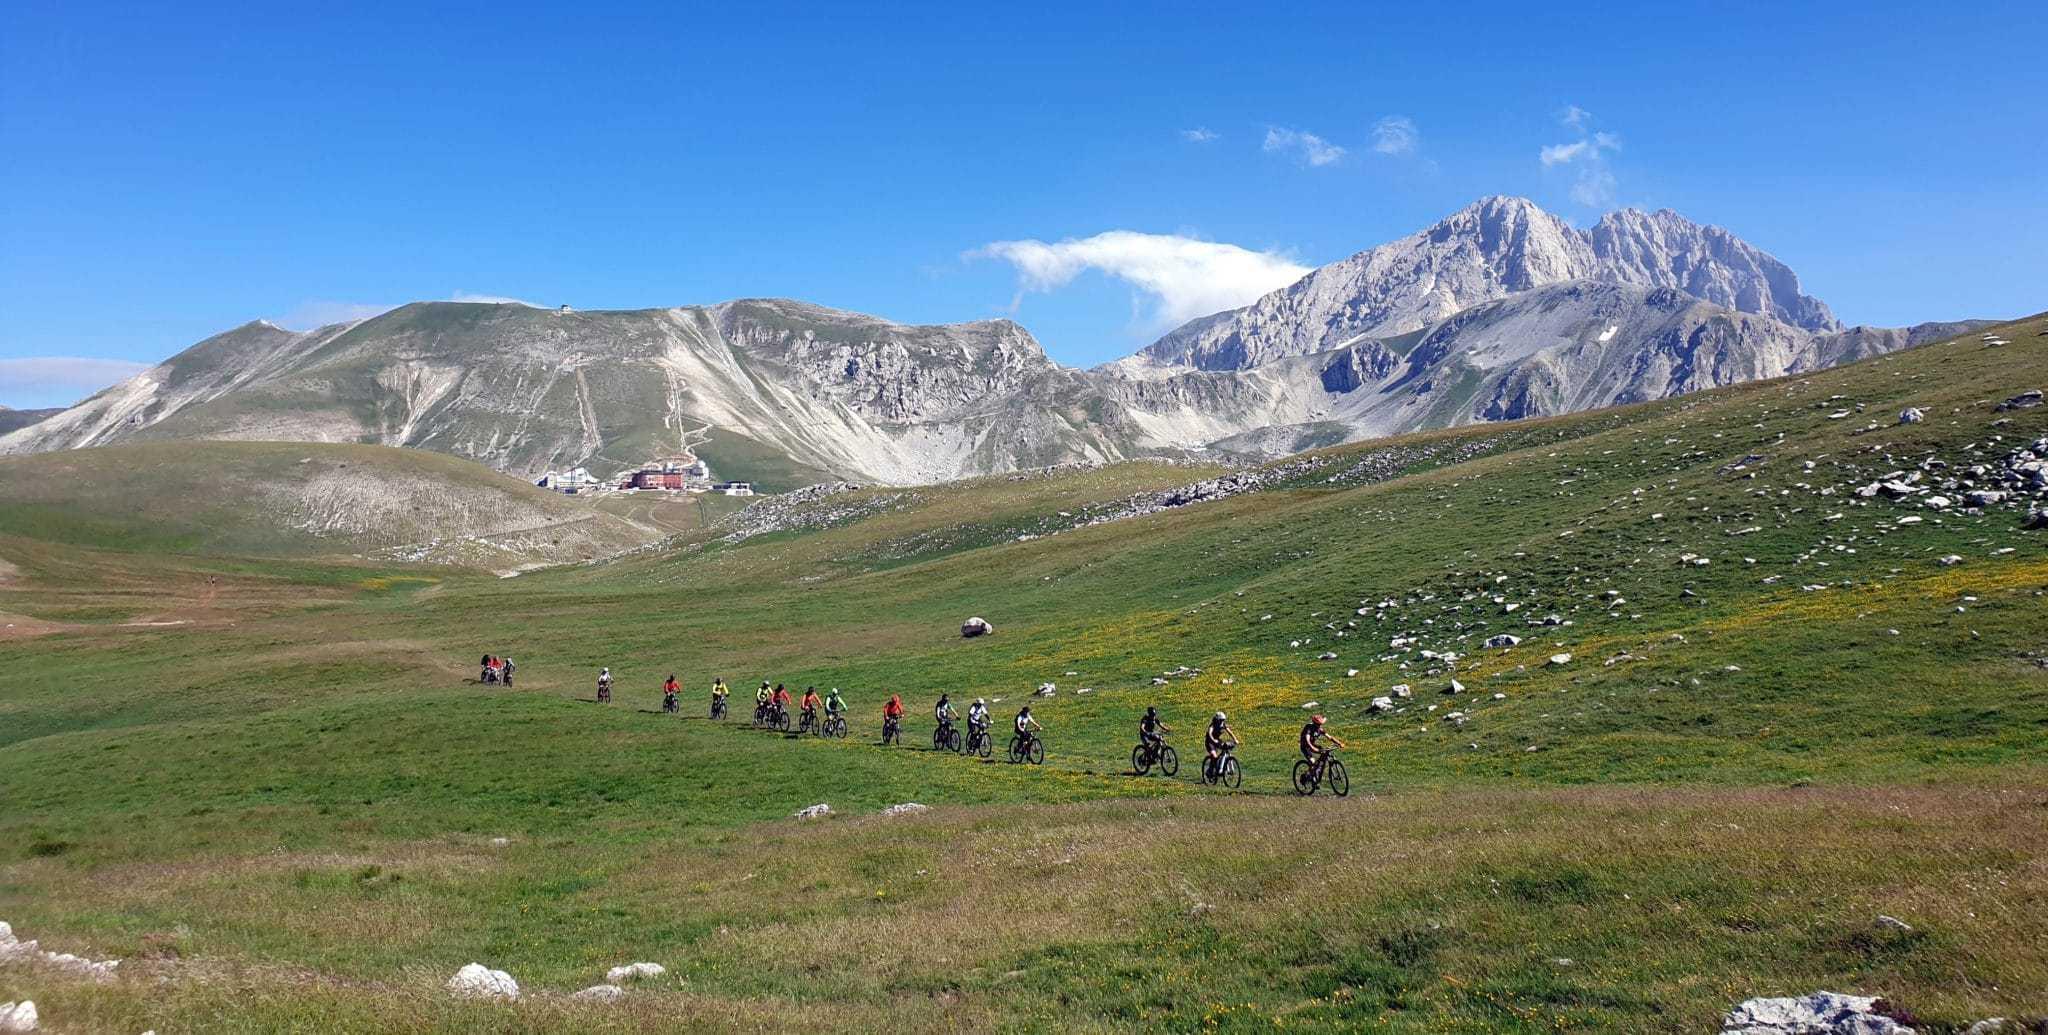 MAGS! Dal Mare Adriatico al Gran Sasso: cronaca di un'avventura in bici degli Accompagnatori AE Ciclo della Sezione CAI di Arsita